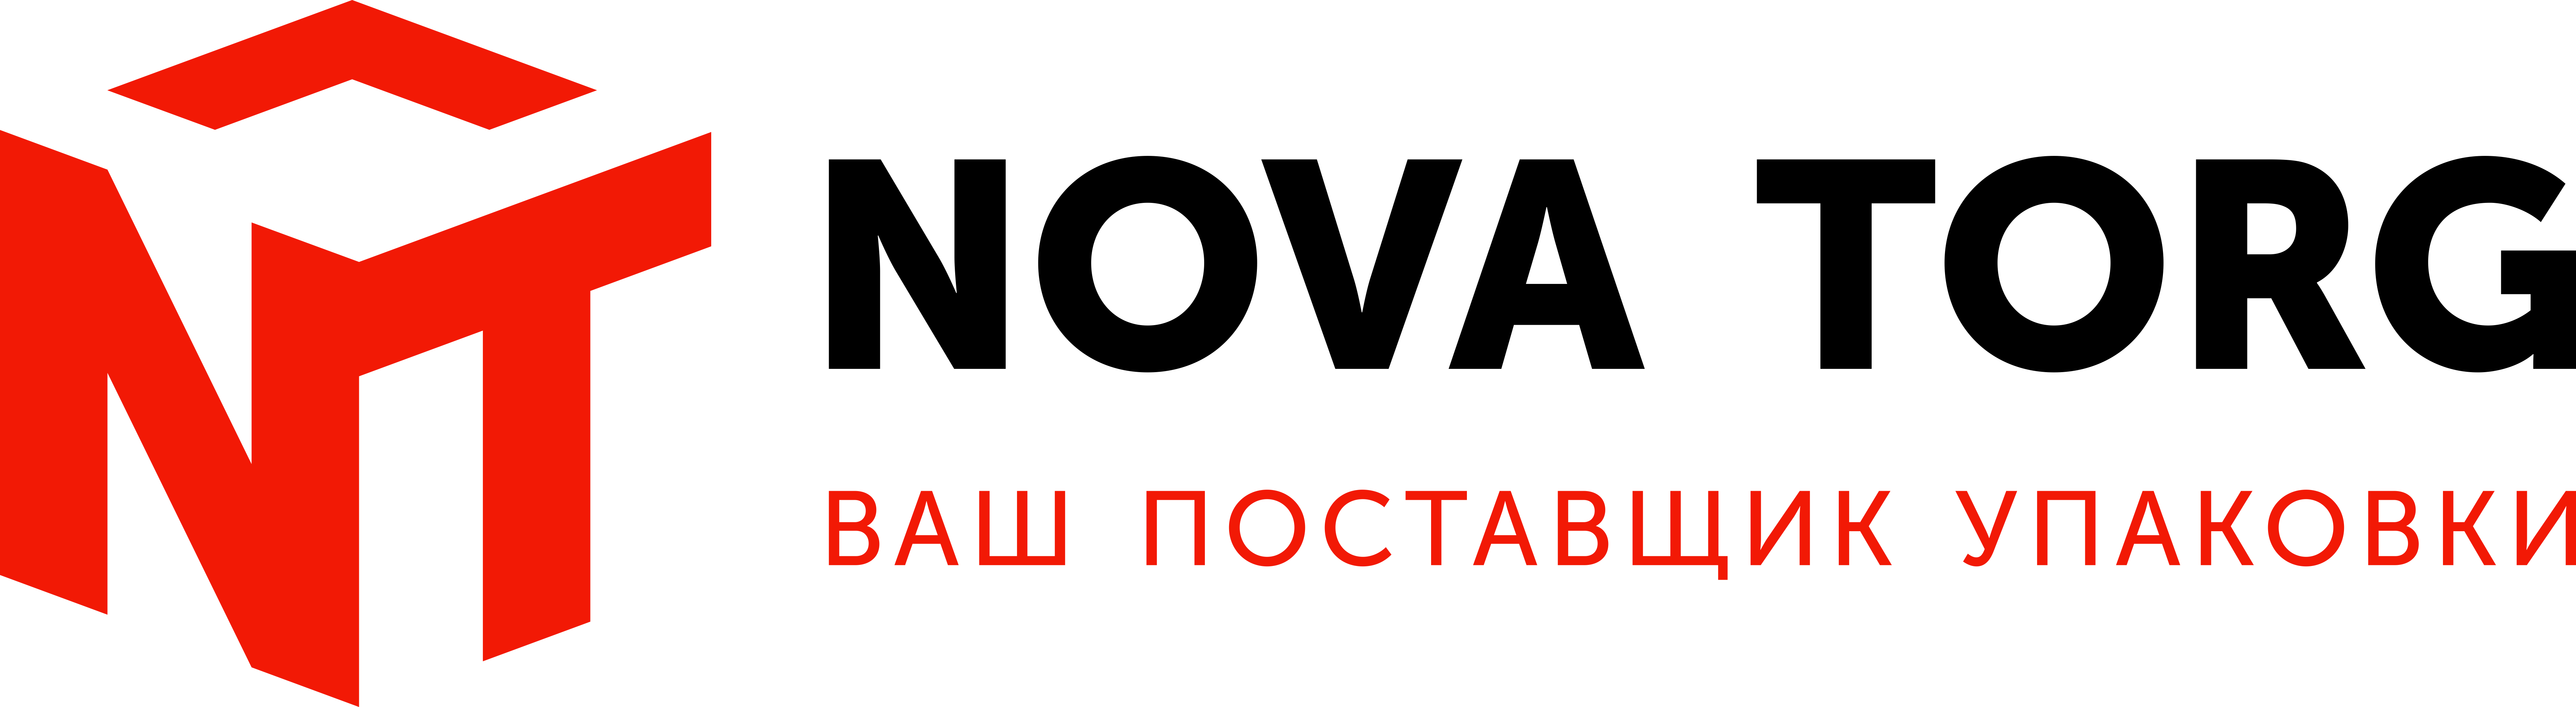 НОВА ТОРГ